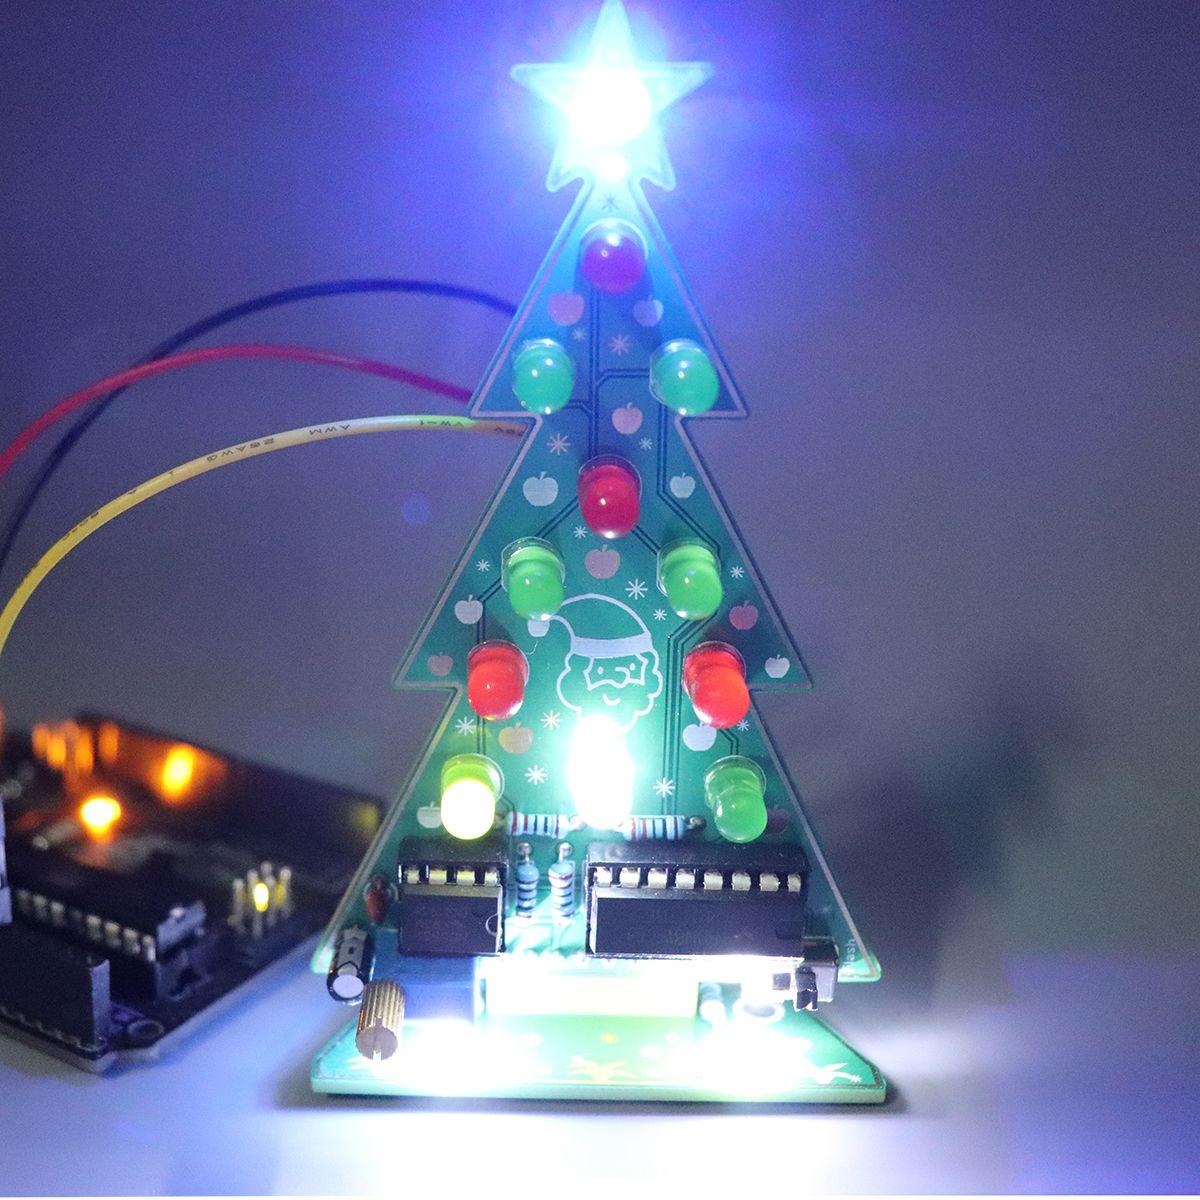 Lk Cokoino Positional Rgb Led Christmas Tree For Arduino In 2020 Led Christmas Tree Christmas Ornaments Holiday Decor